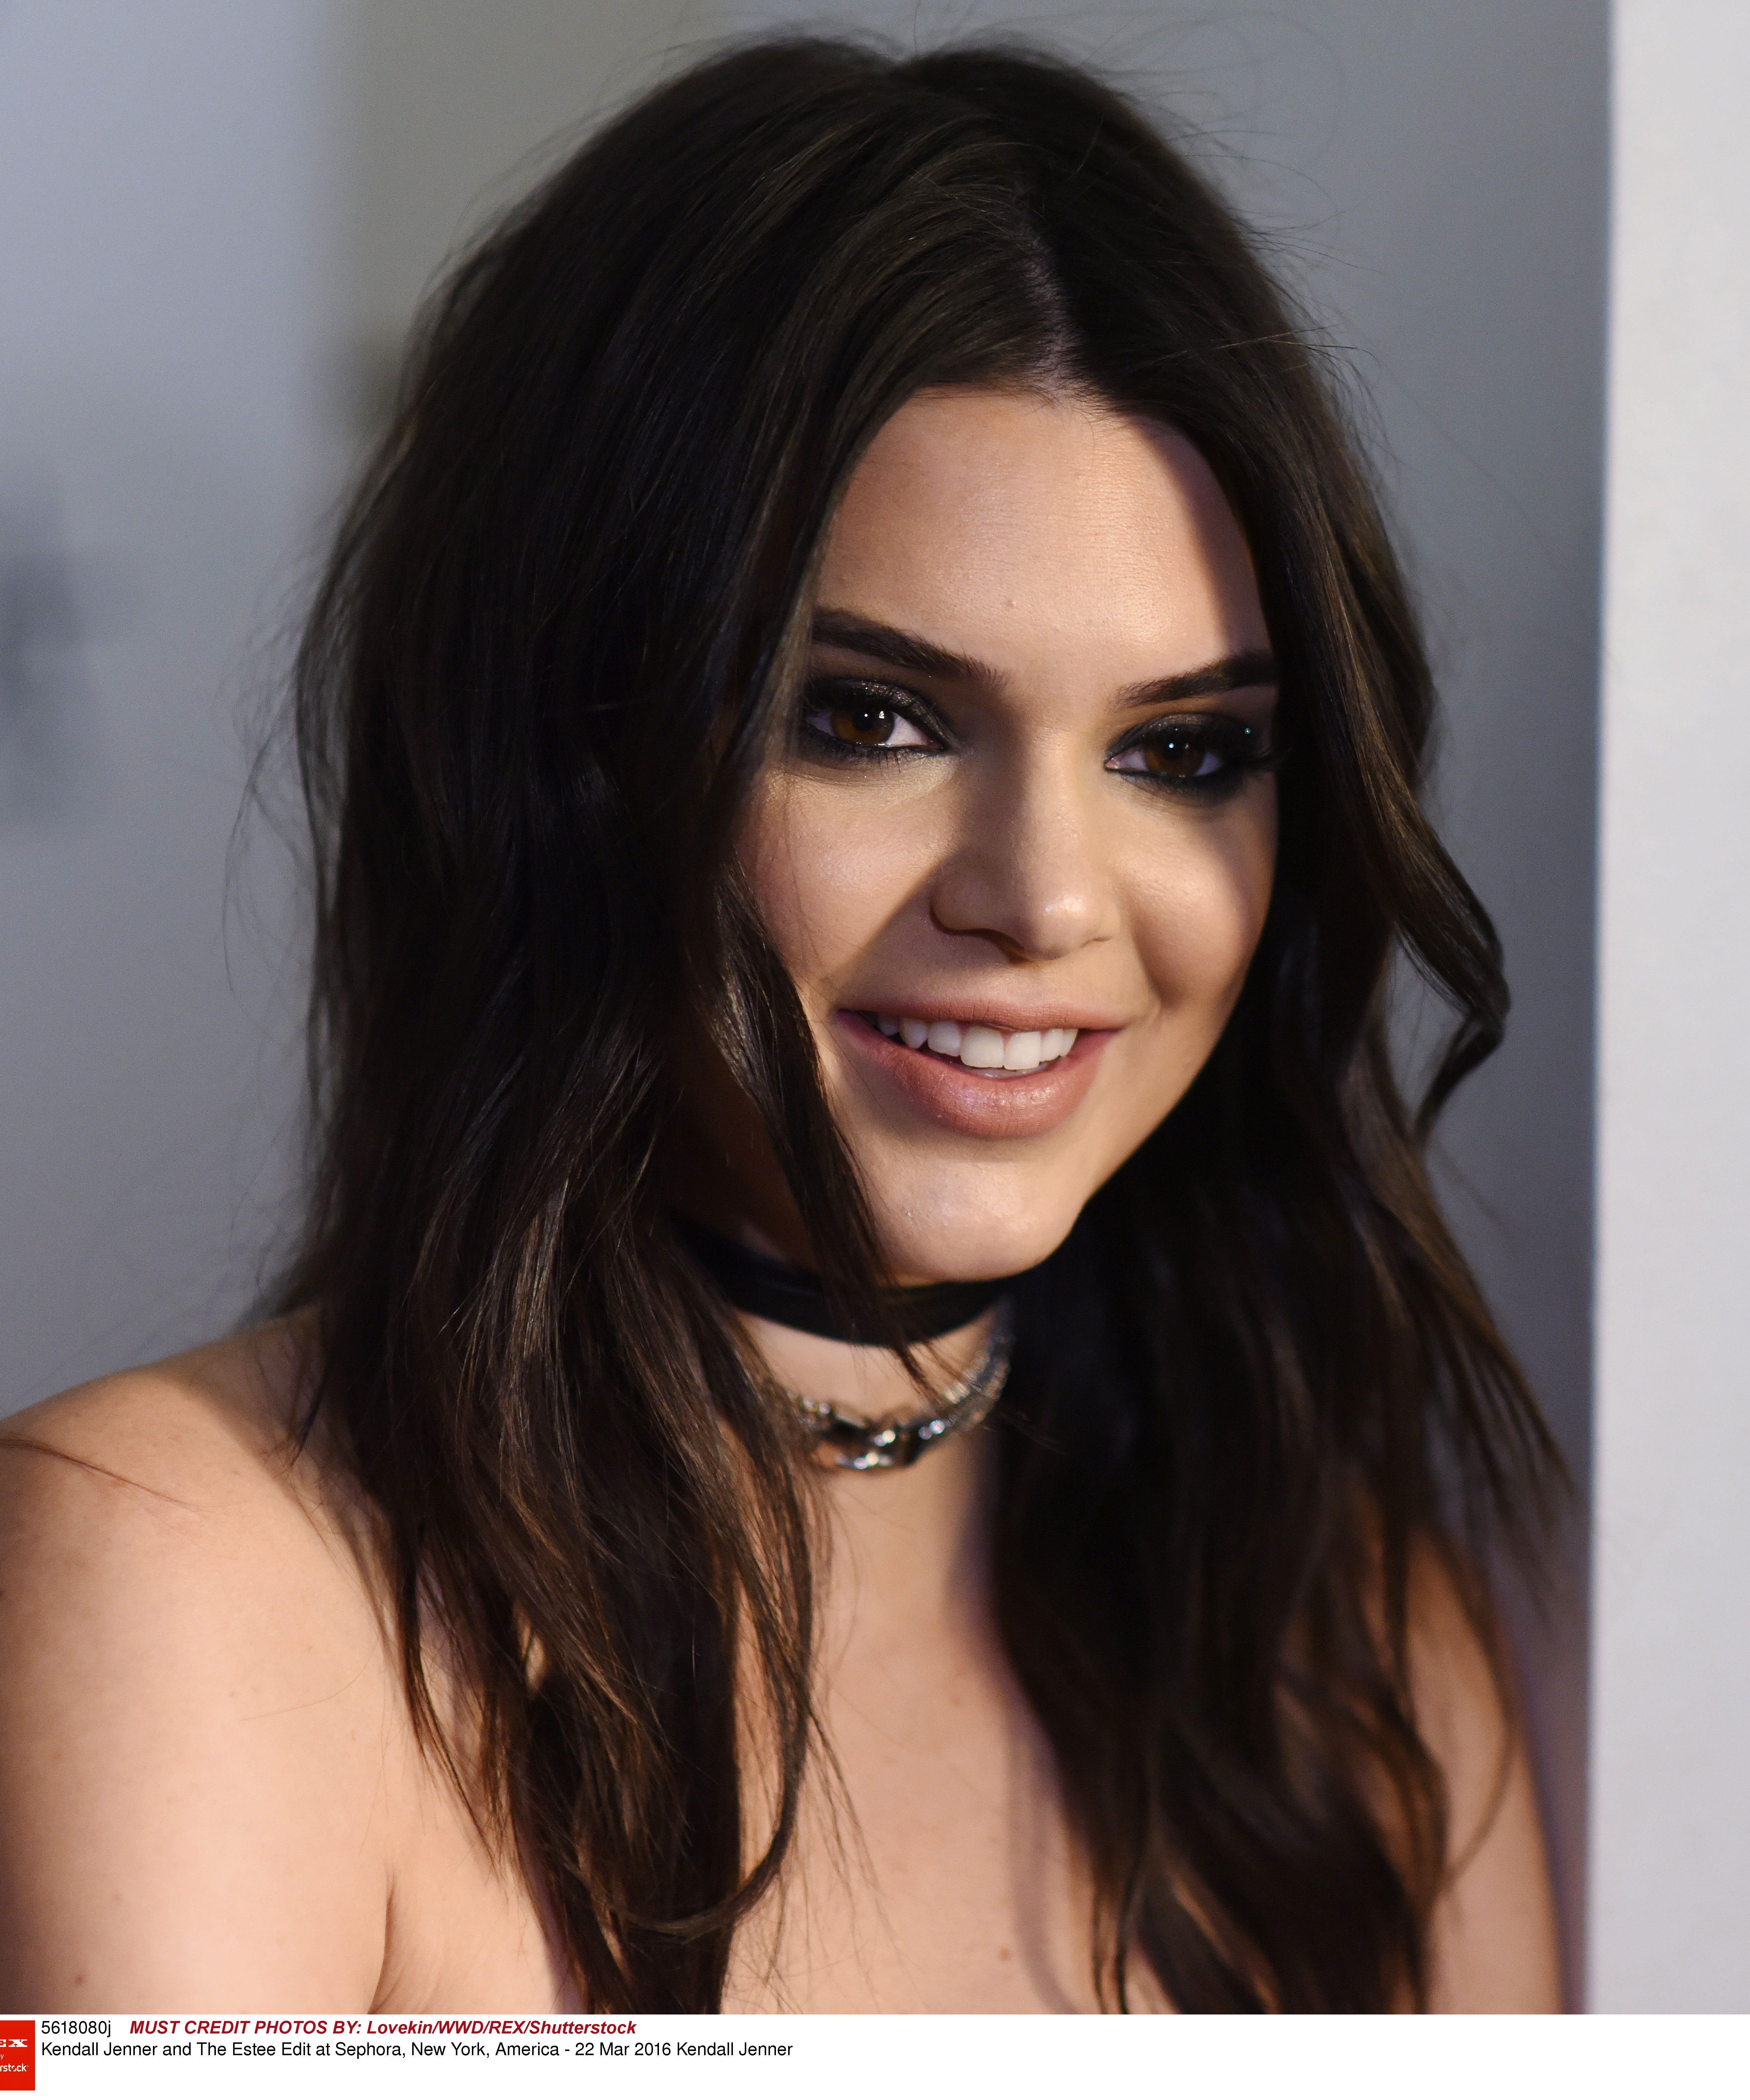 Kendall jenner no makeup